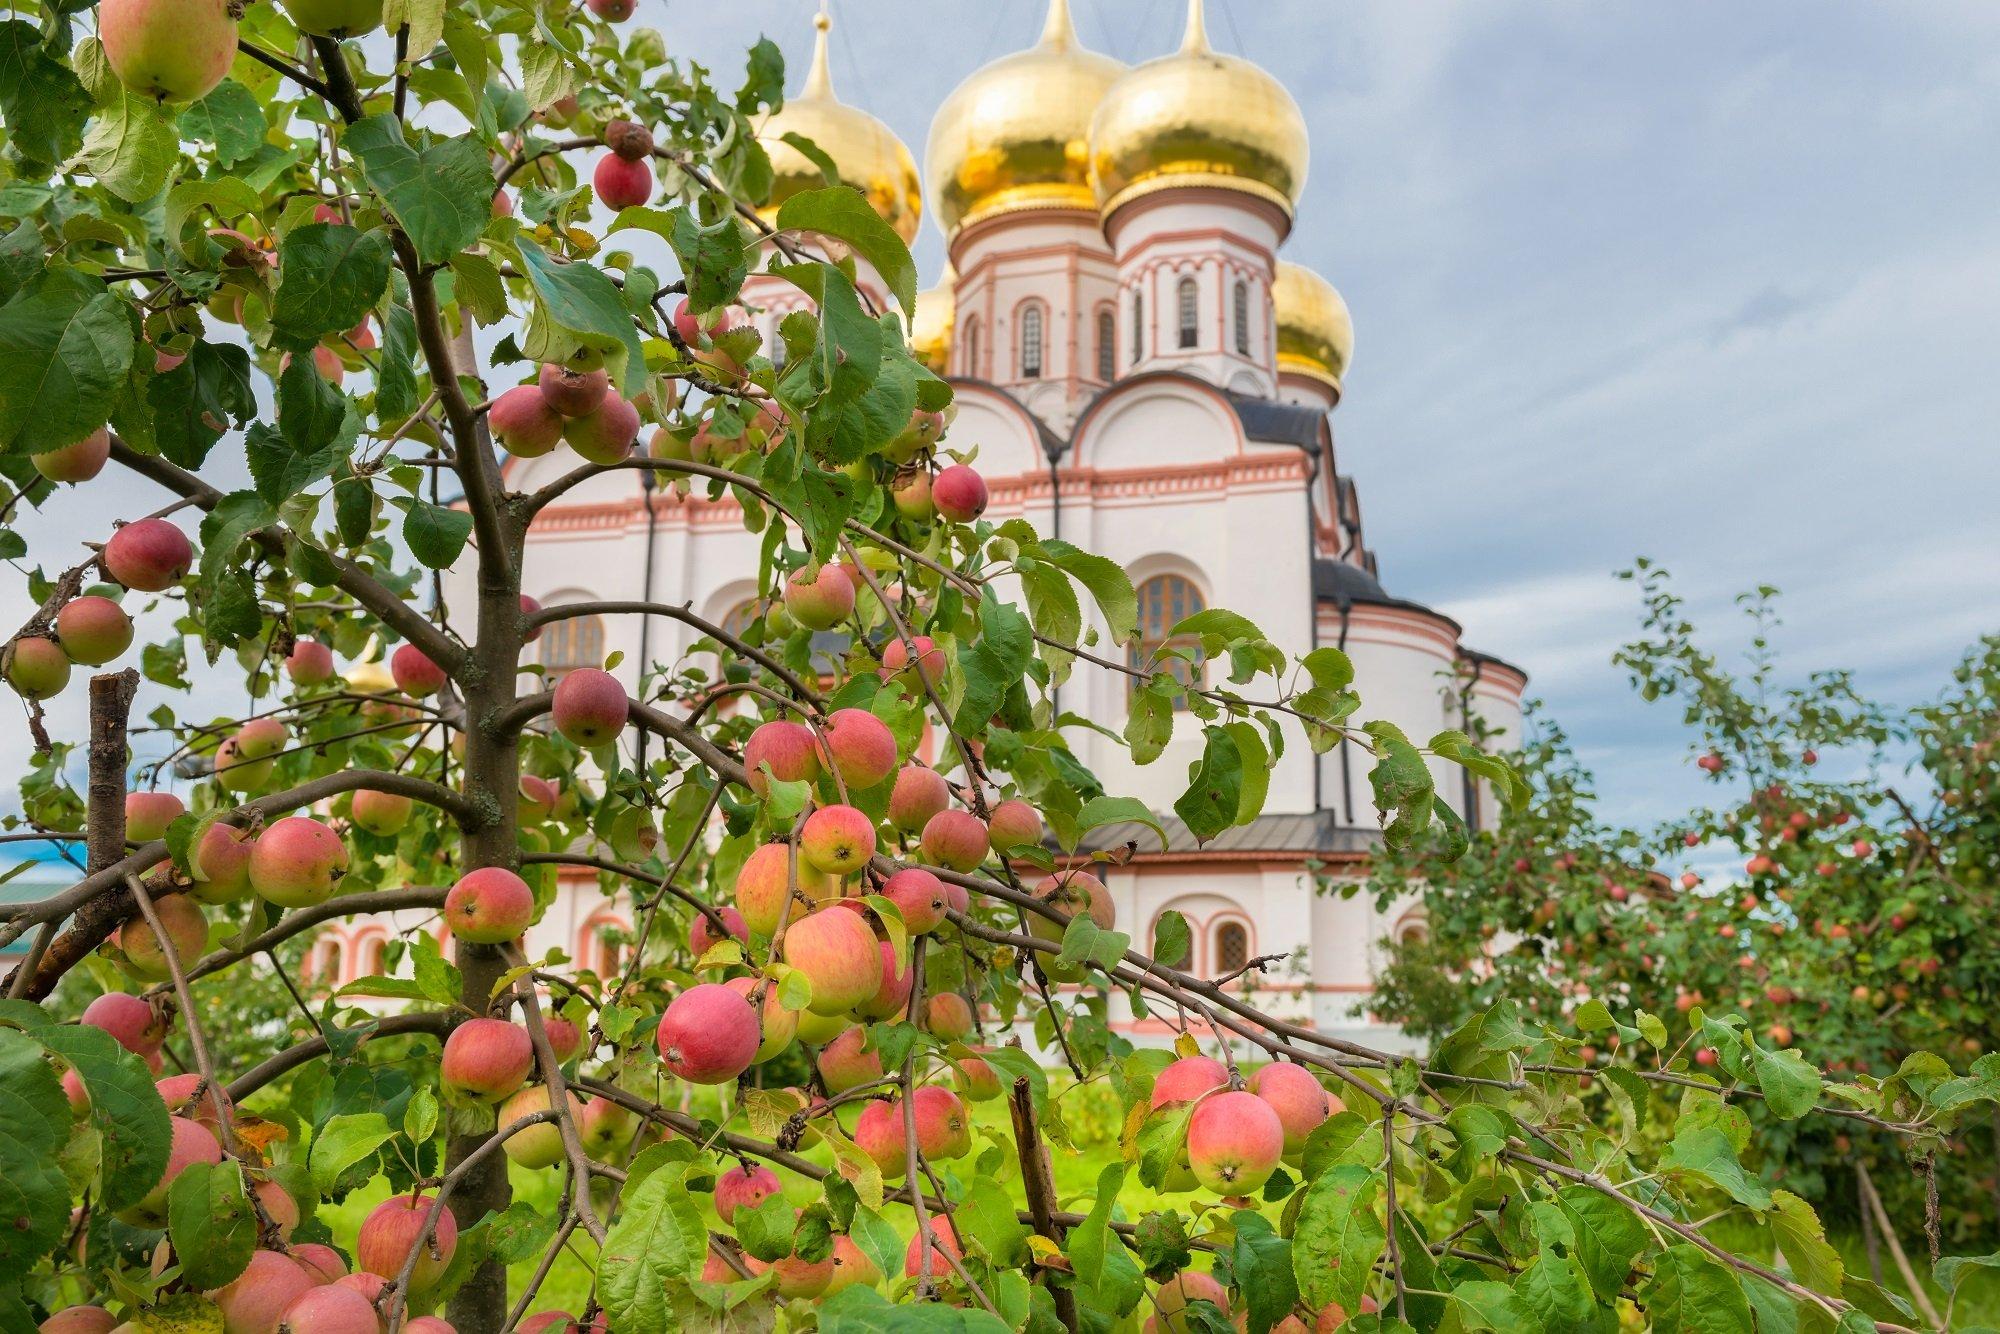 Праздник 28 июля: что просят верующие у Святого Владимира, и почему в этот день снятся кошмары   - today.ua